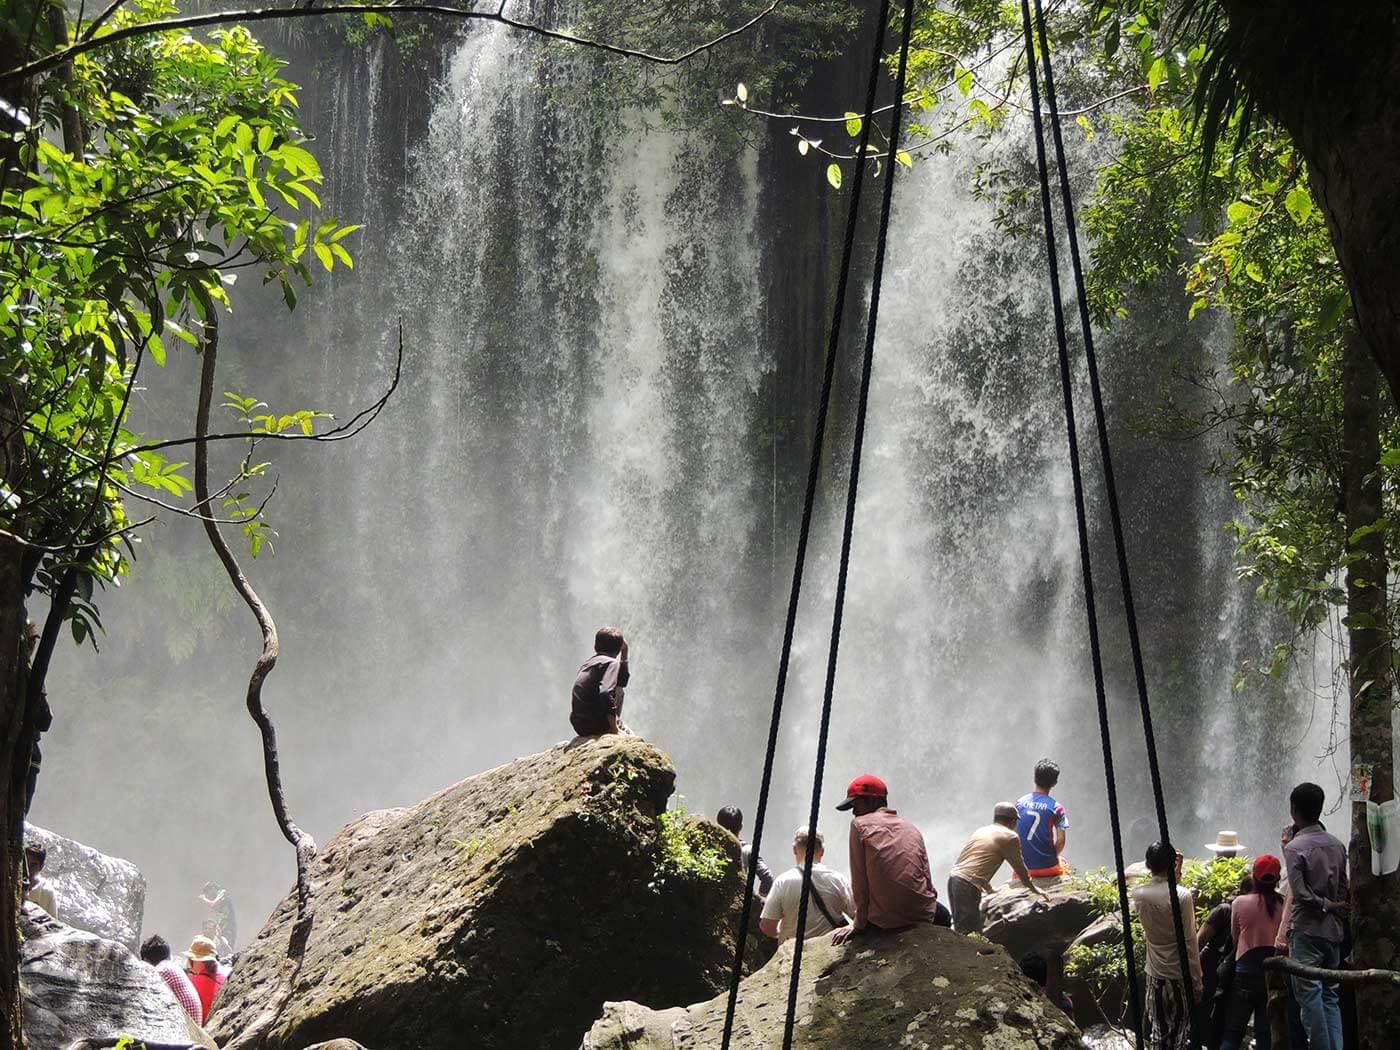 Wasserfall am Phnom Kulen zur Regenzeit